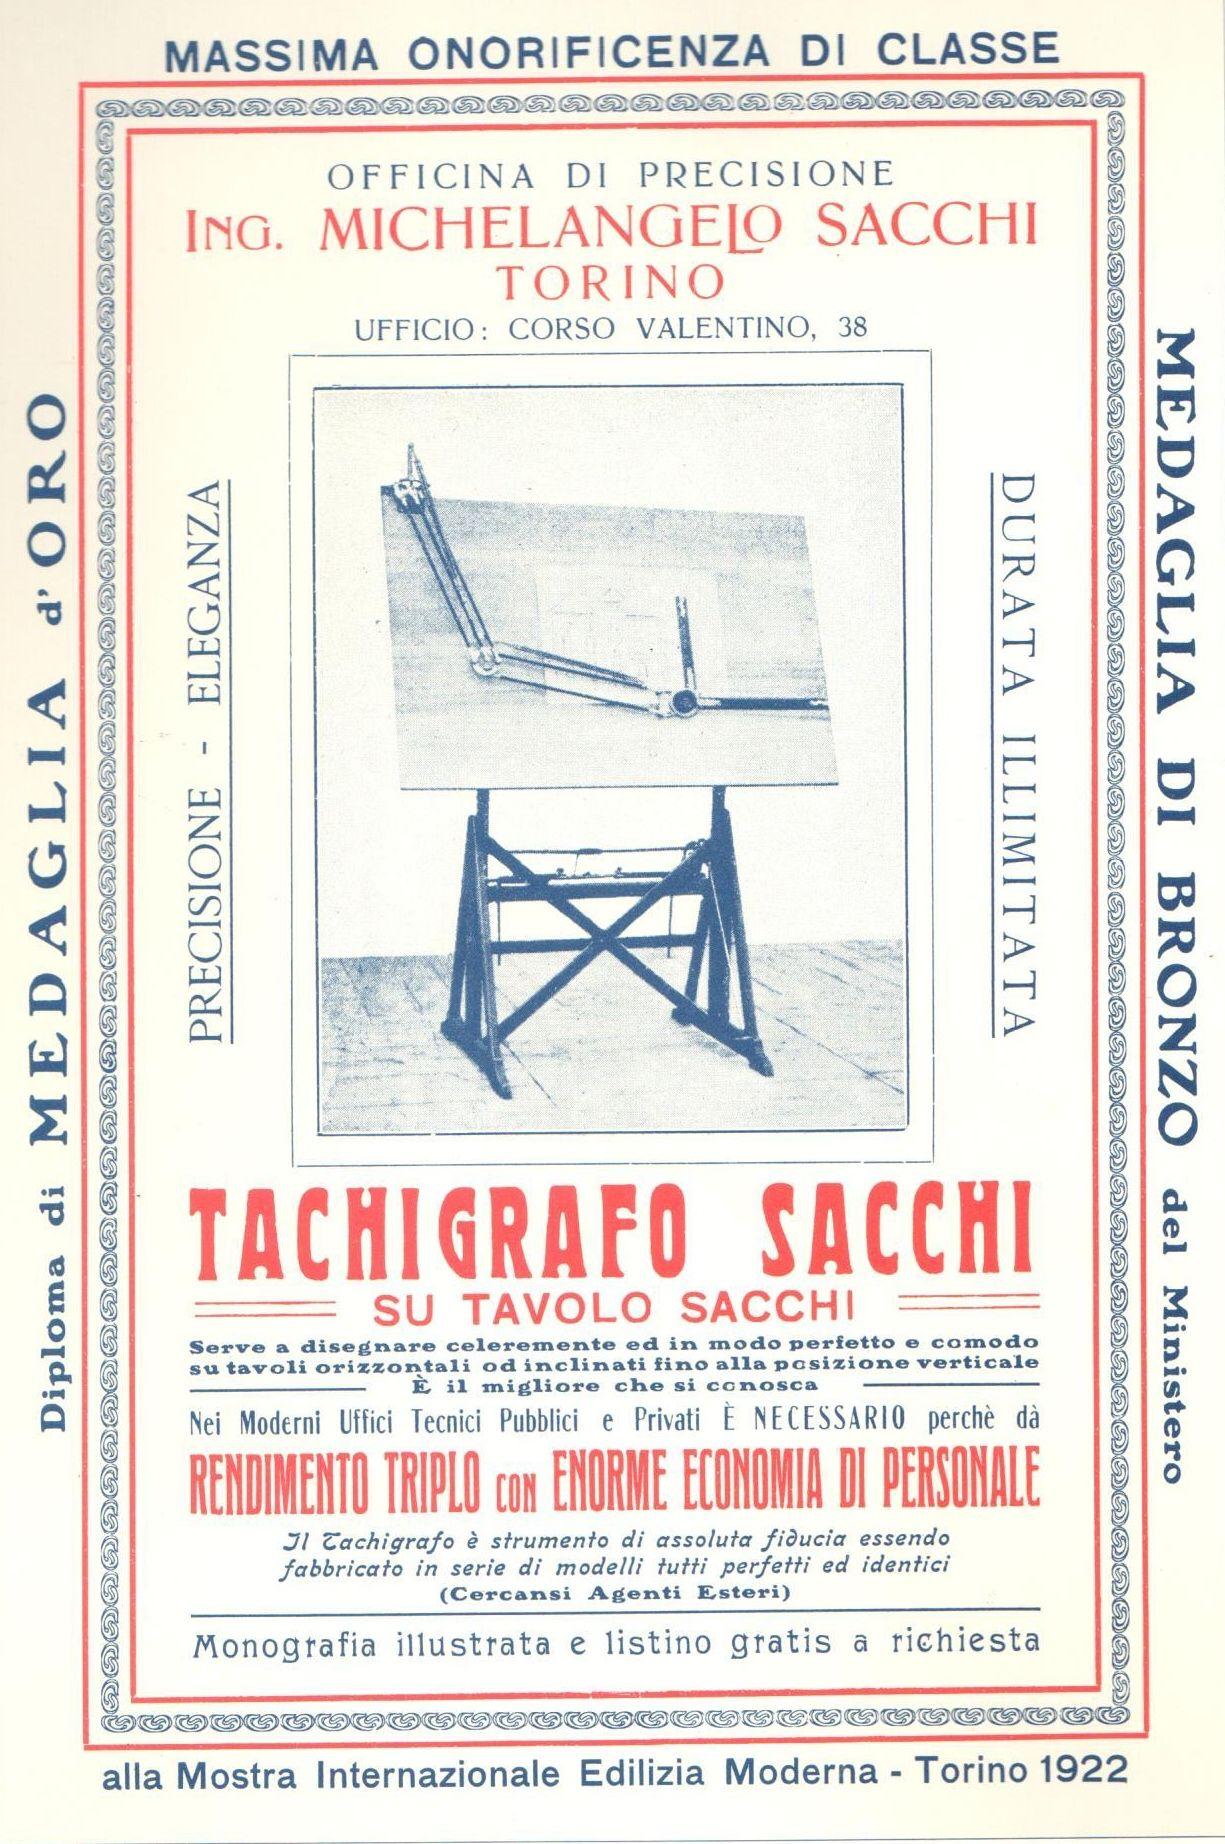 Mobili Per Ufficio Torino.Dal 1922 Ci Trovate A Torino Dai Tecnigrafi Ai Mobili Per